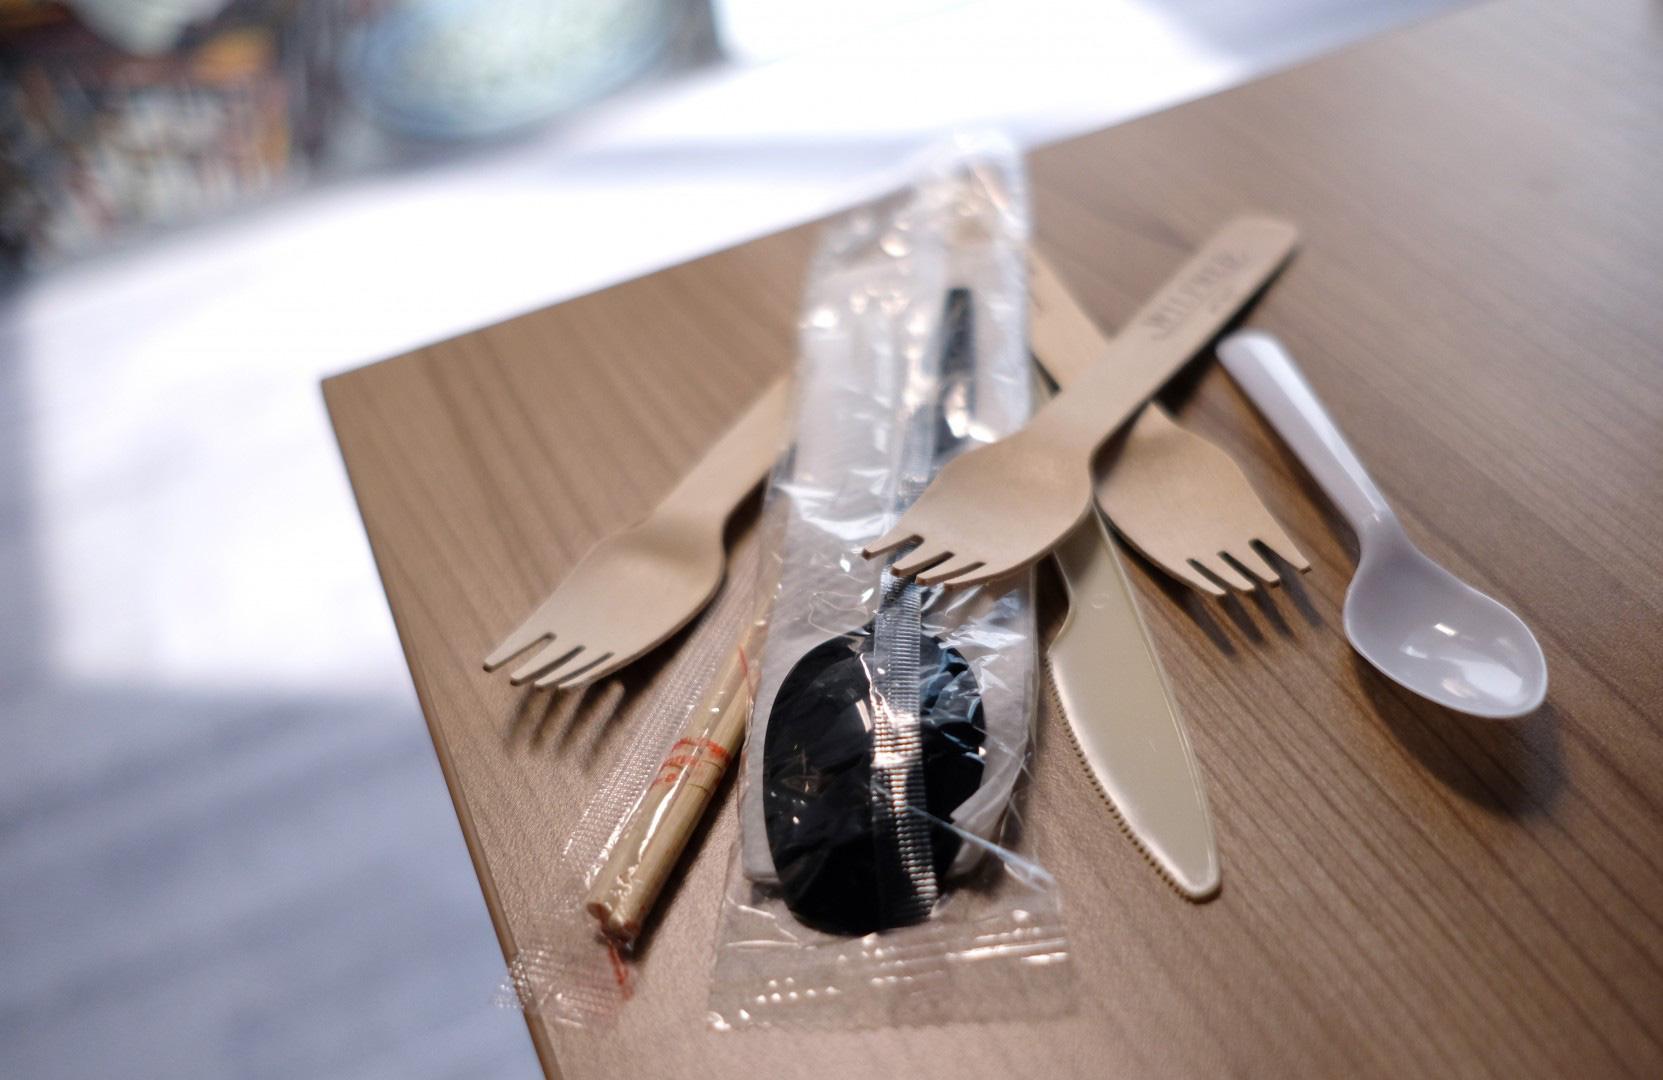 Một loạt lưu ý khi đặt đồ ăn online giúp tránh tối đa nguy cơ lây lan virus